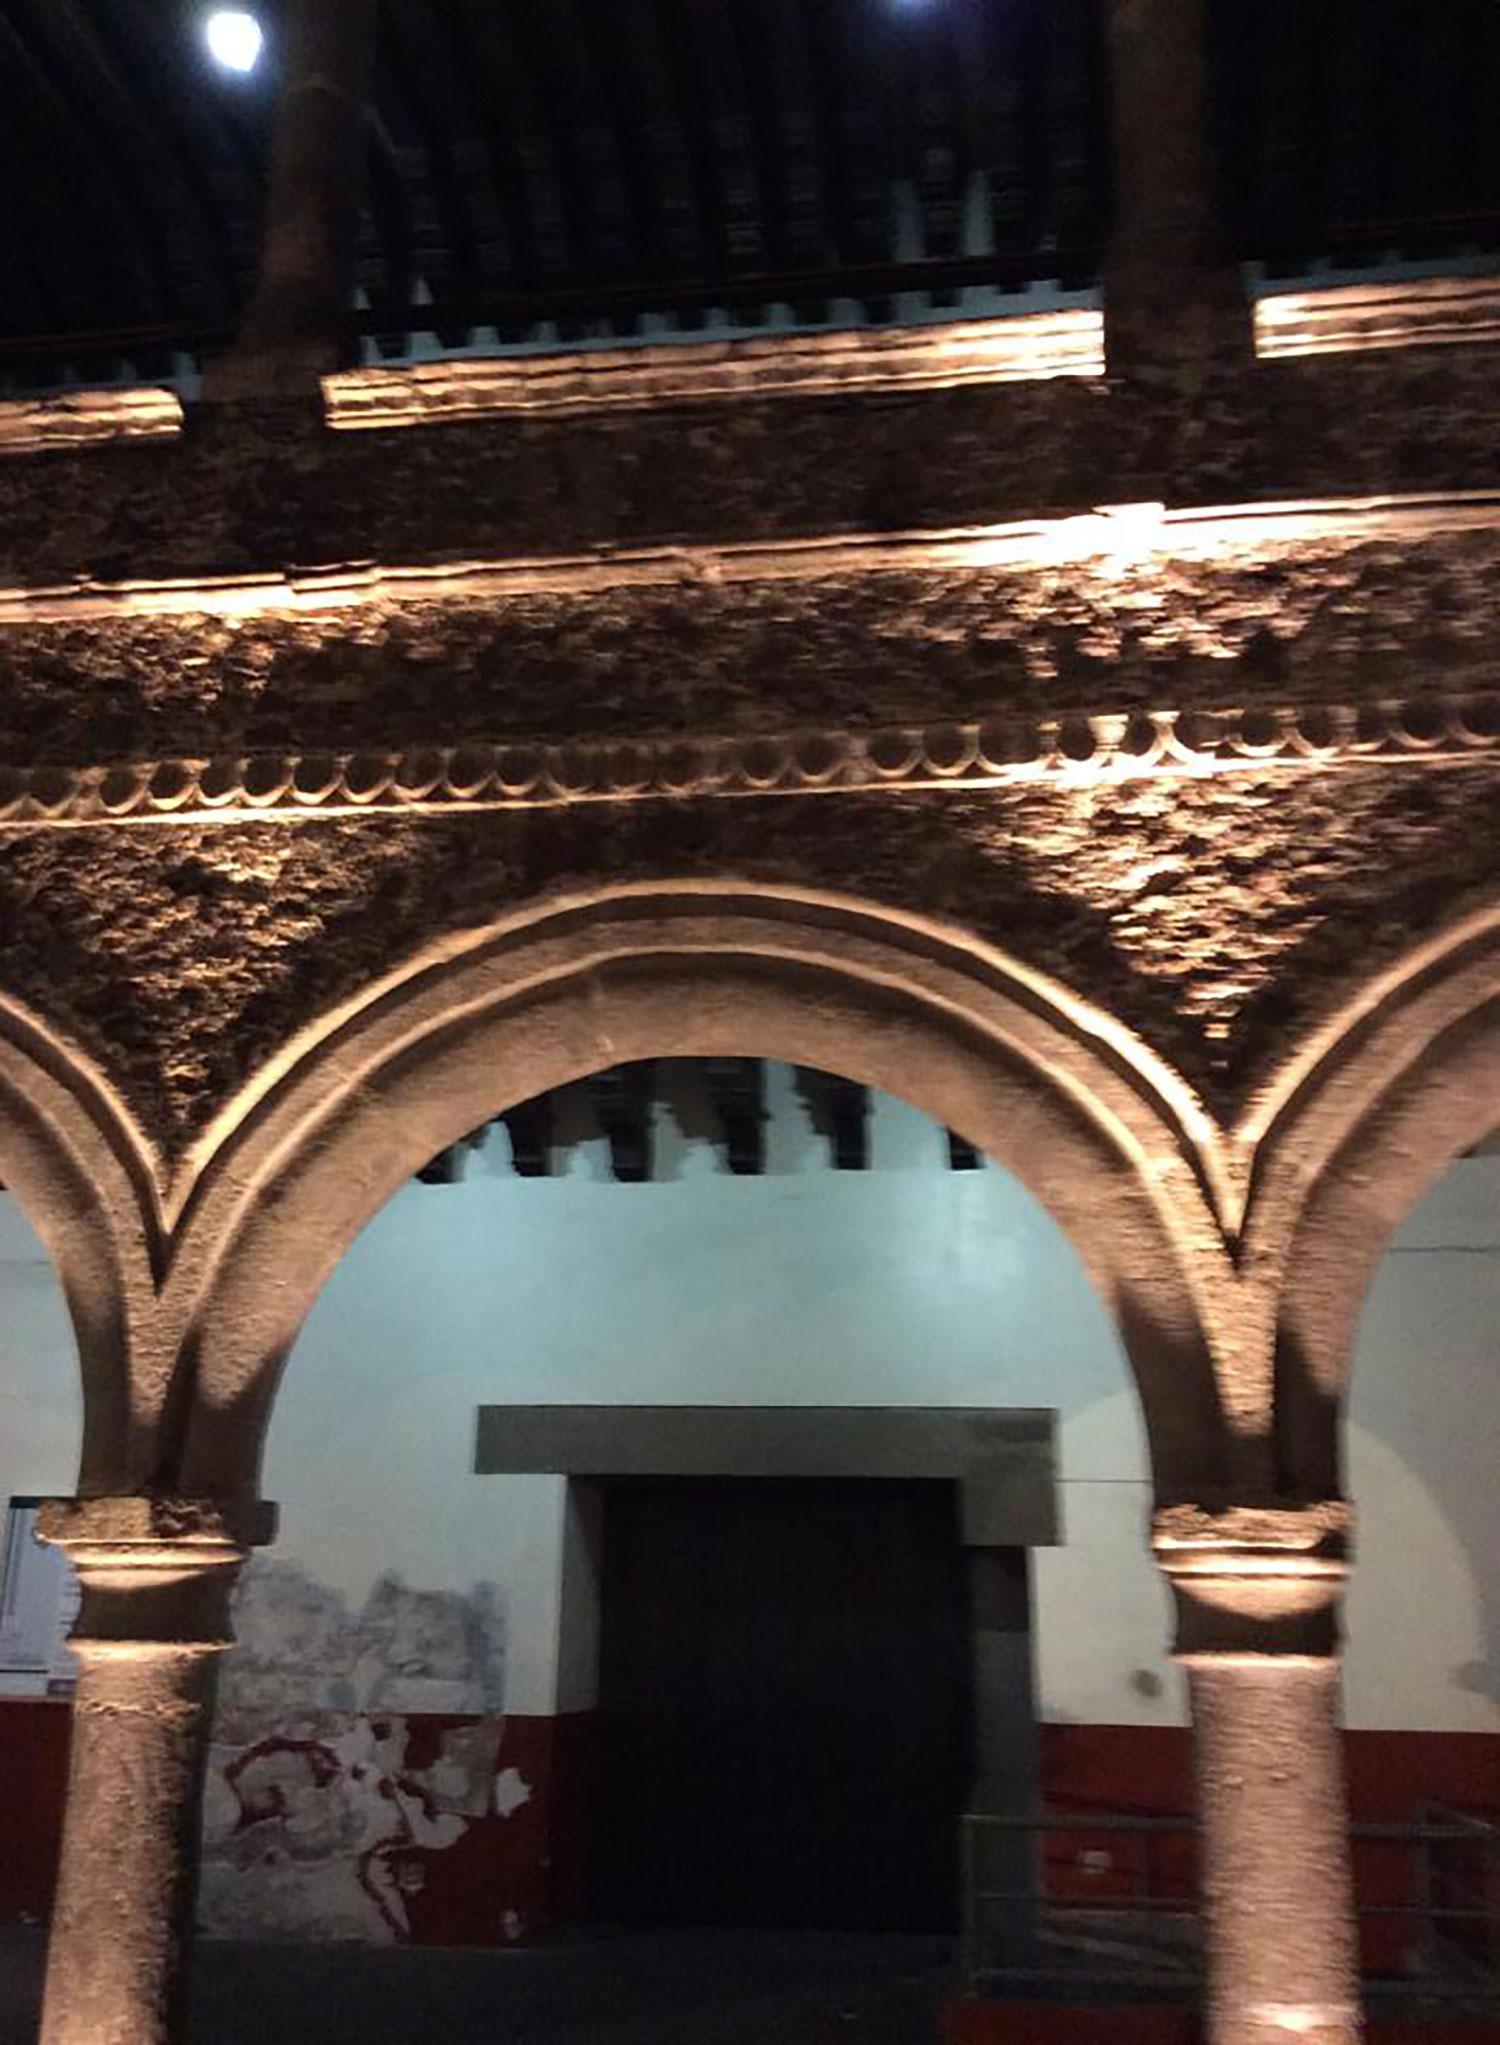 Arcade in central Cuernavaca.